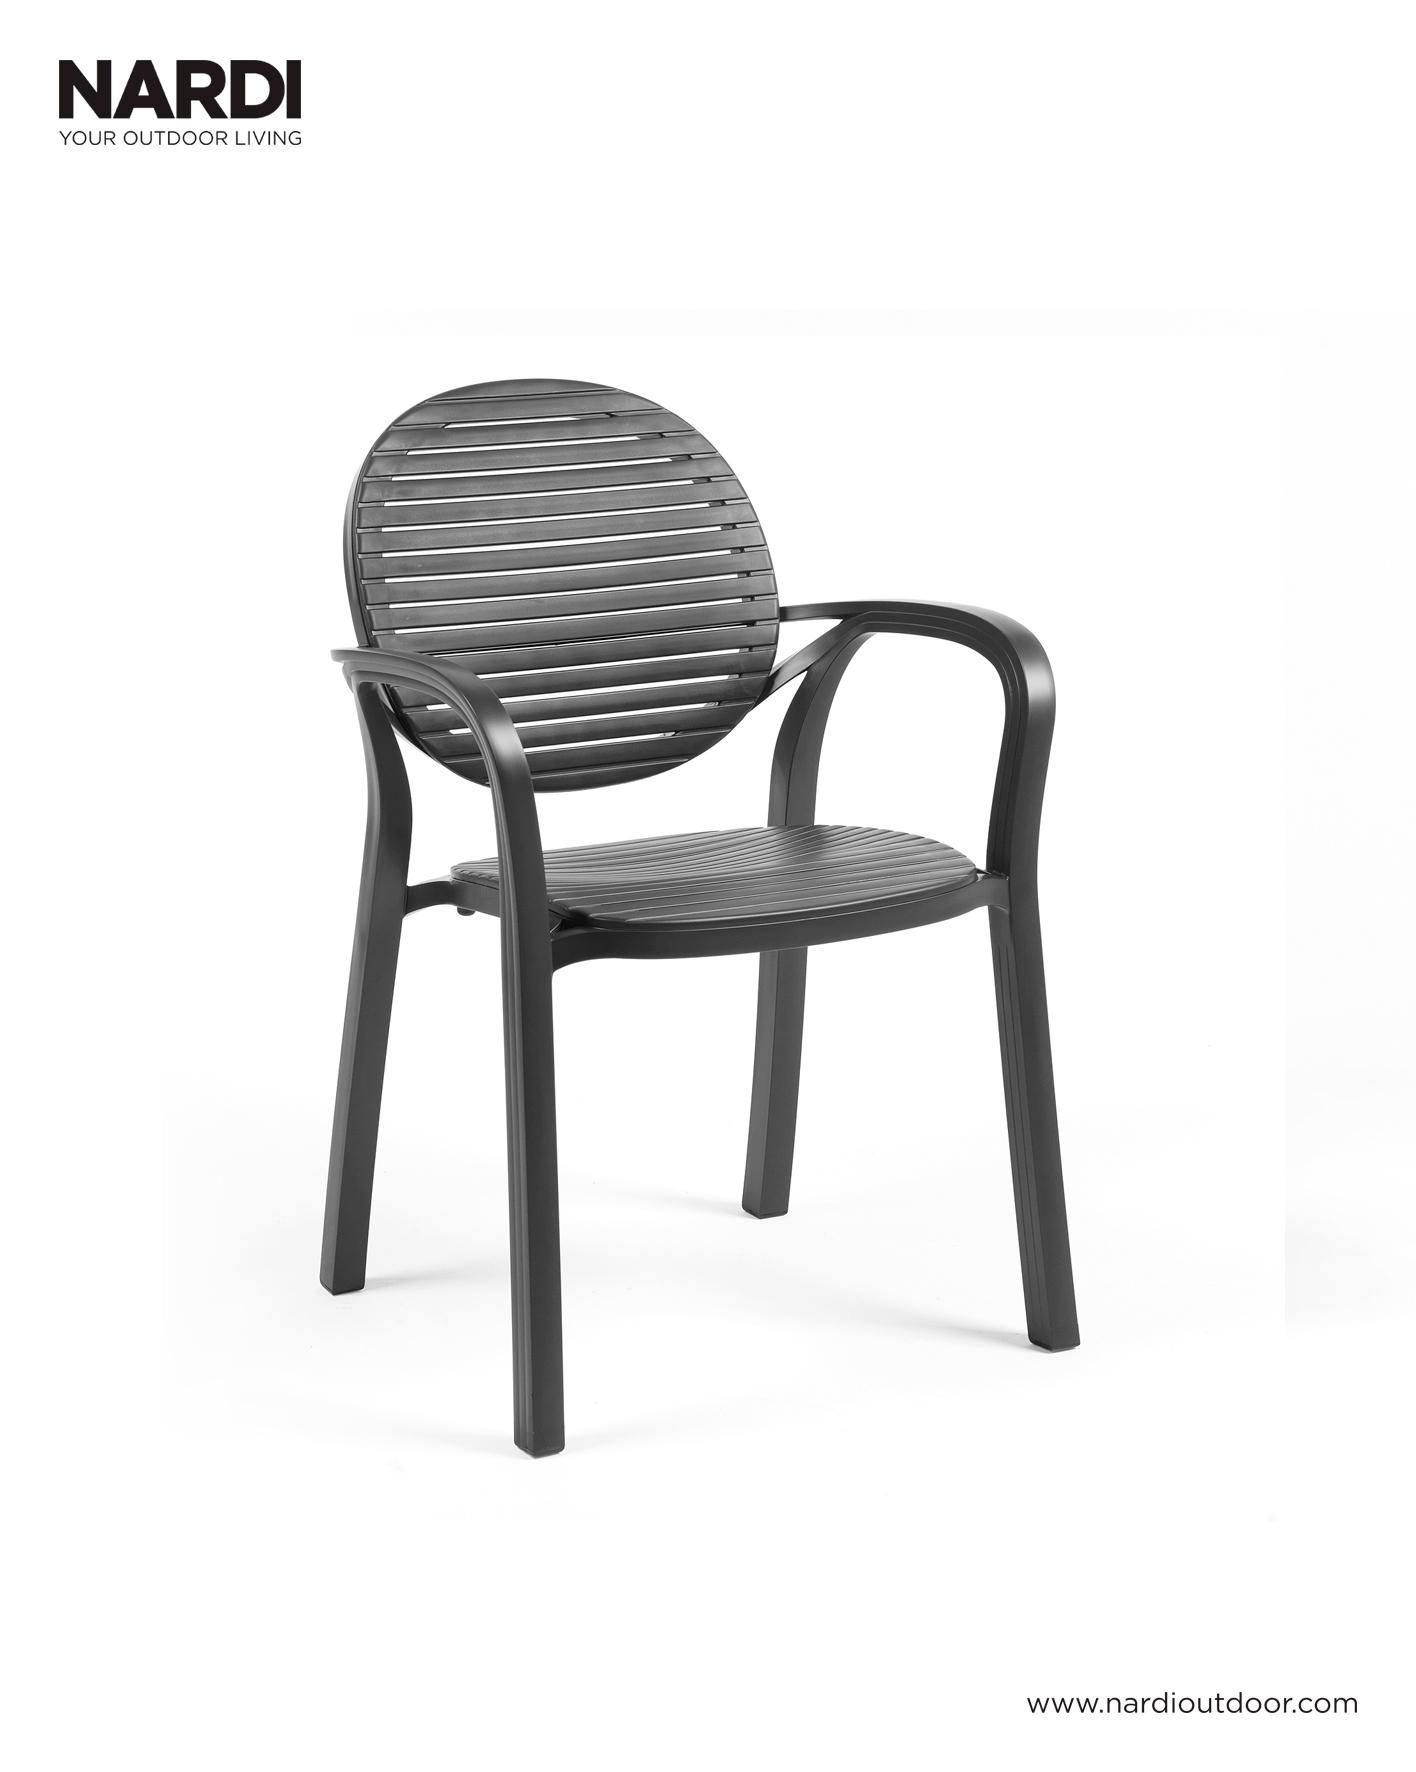 Krzesło ogrodowe GARDENIA antracytowe NARDi